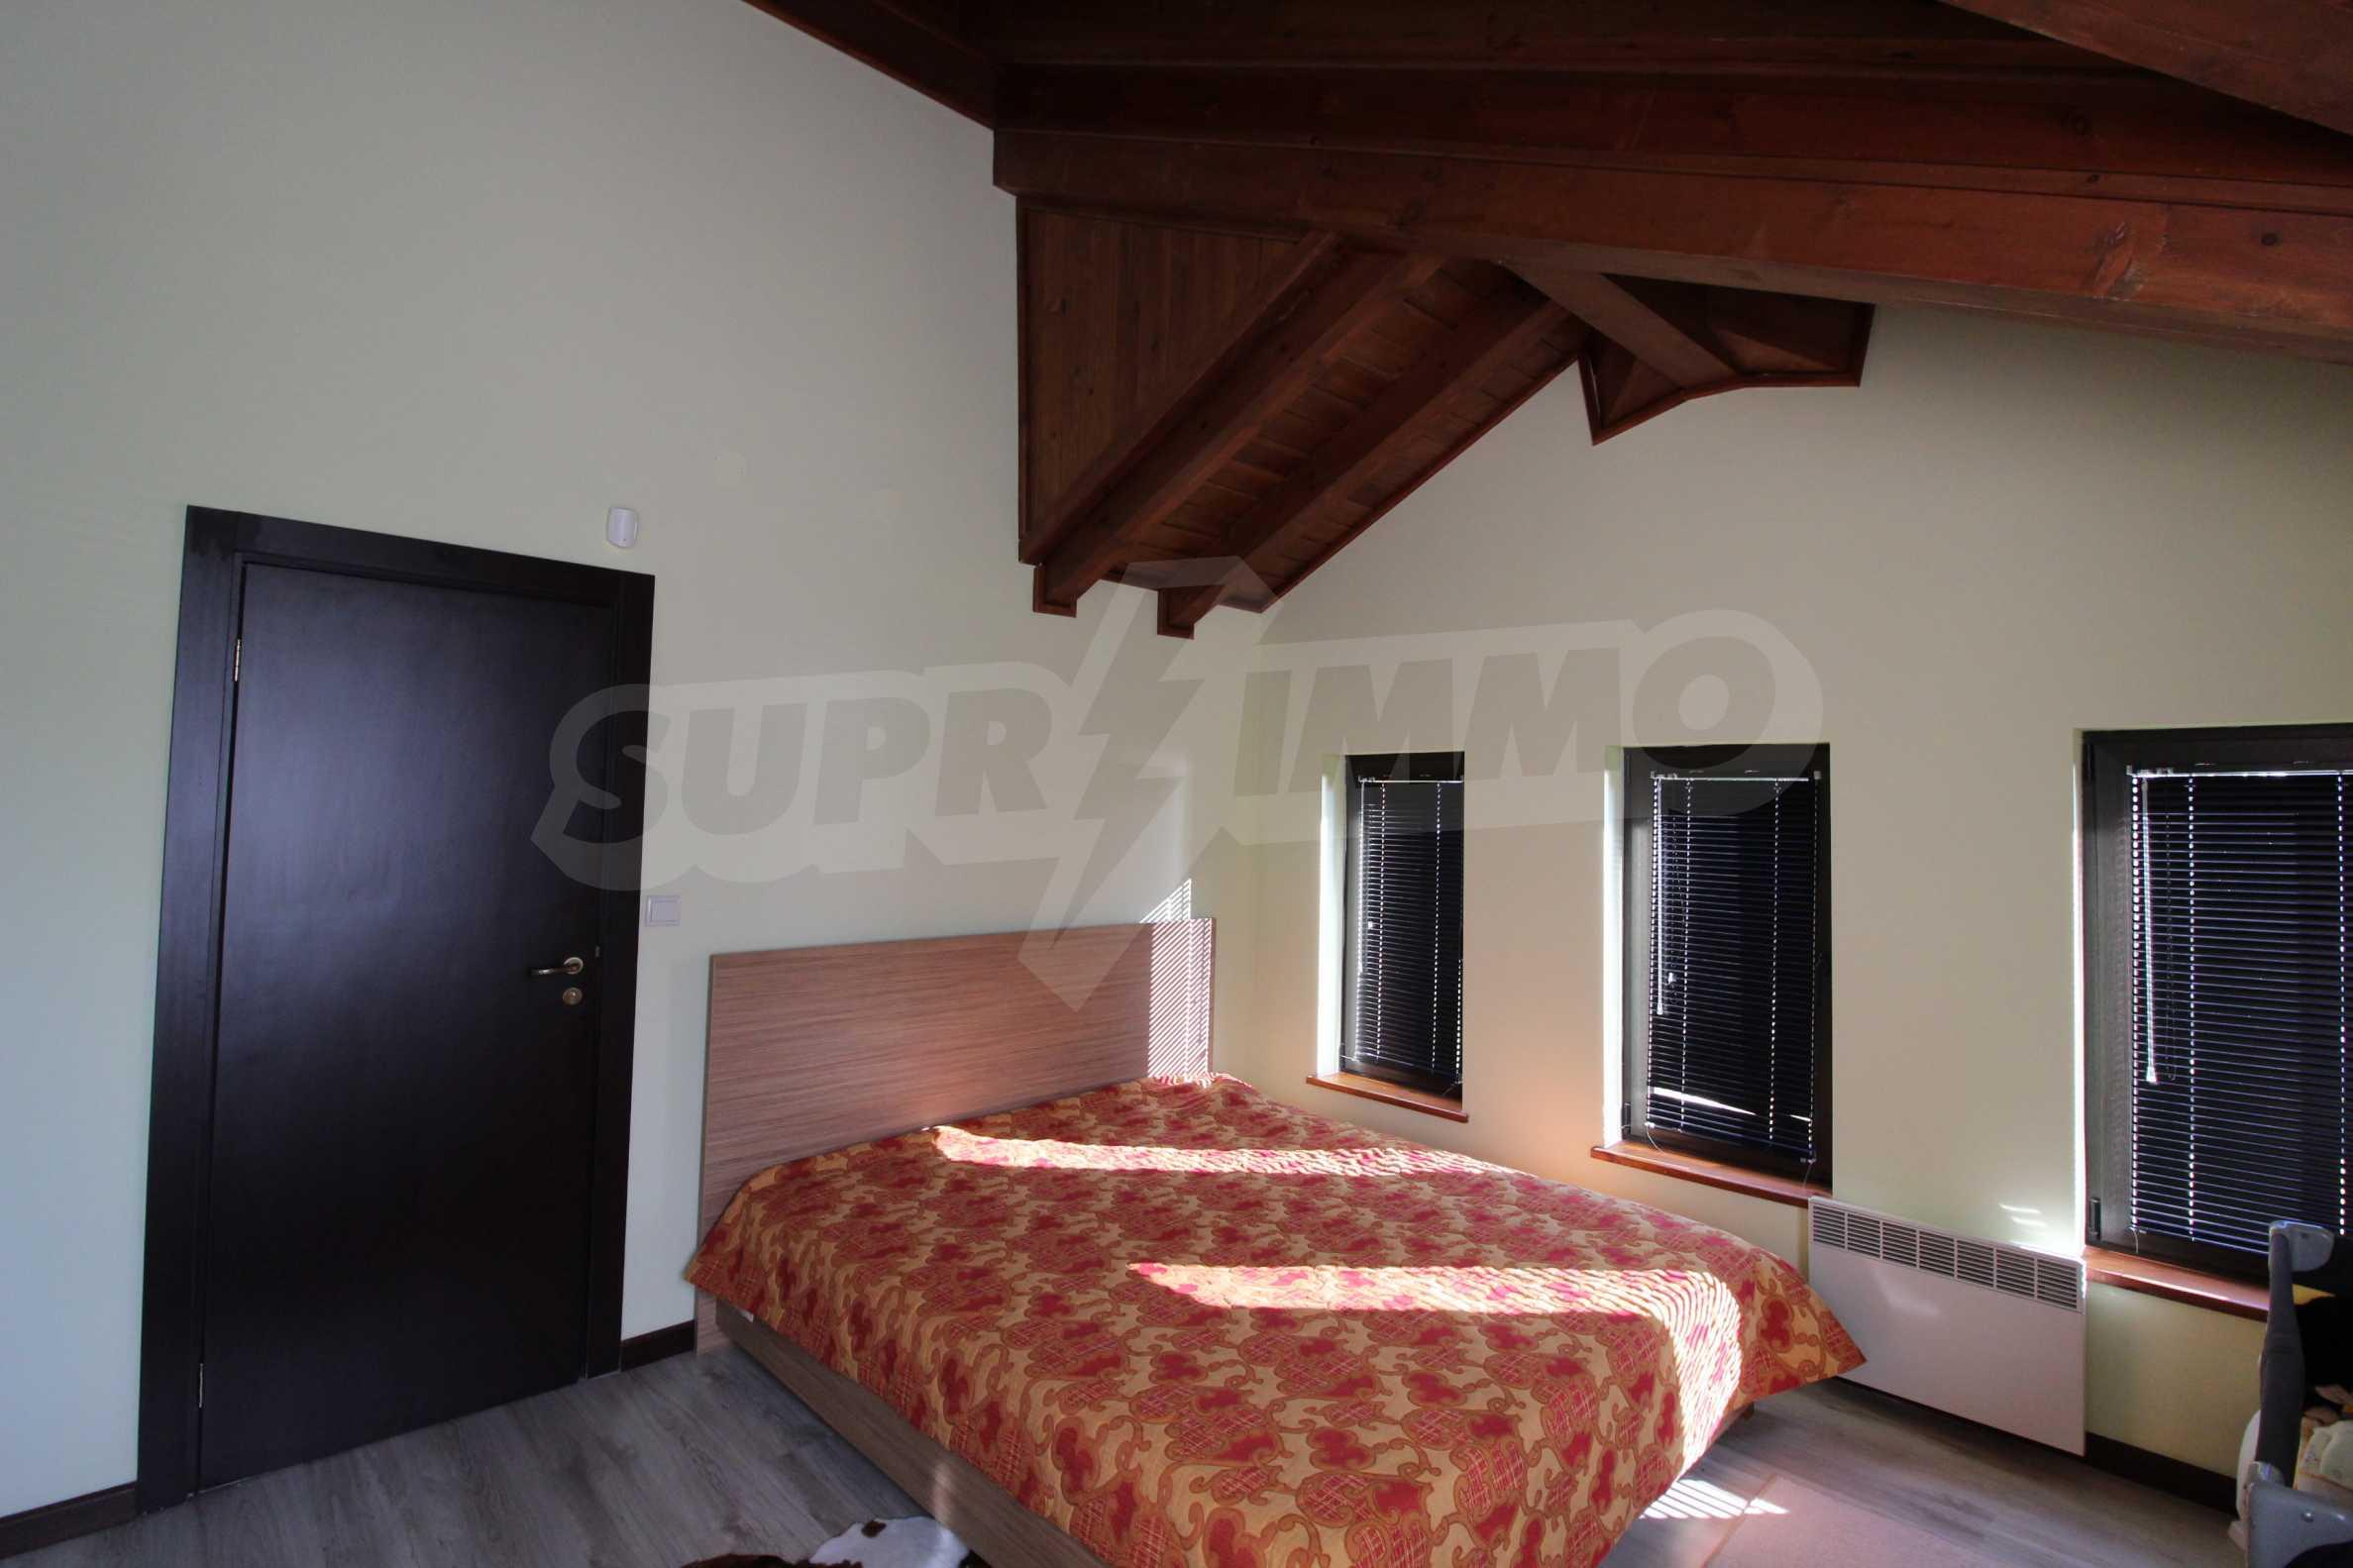 Двуетажна къща със стилен интериор в затворен голф комплекс, между градове Банско и Разлог 28